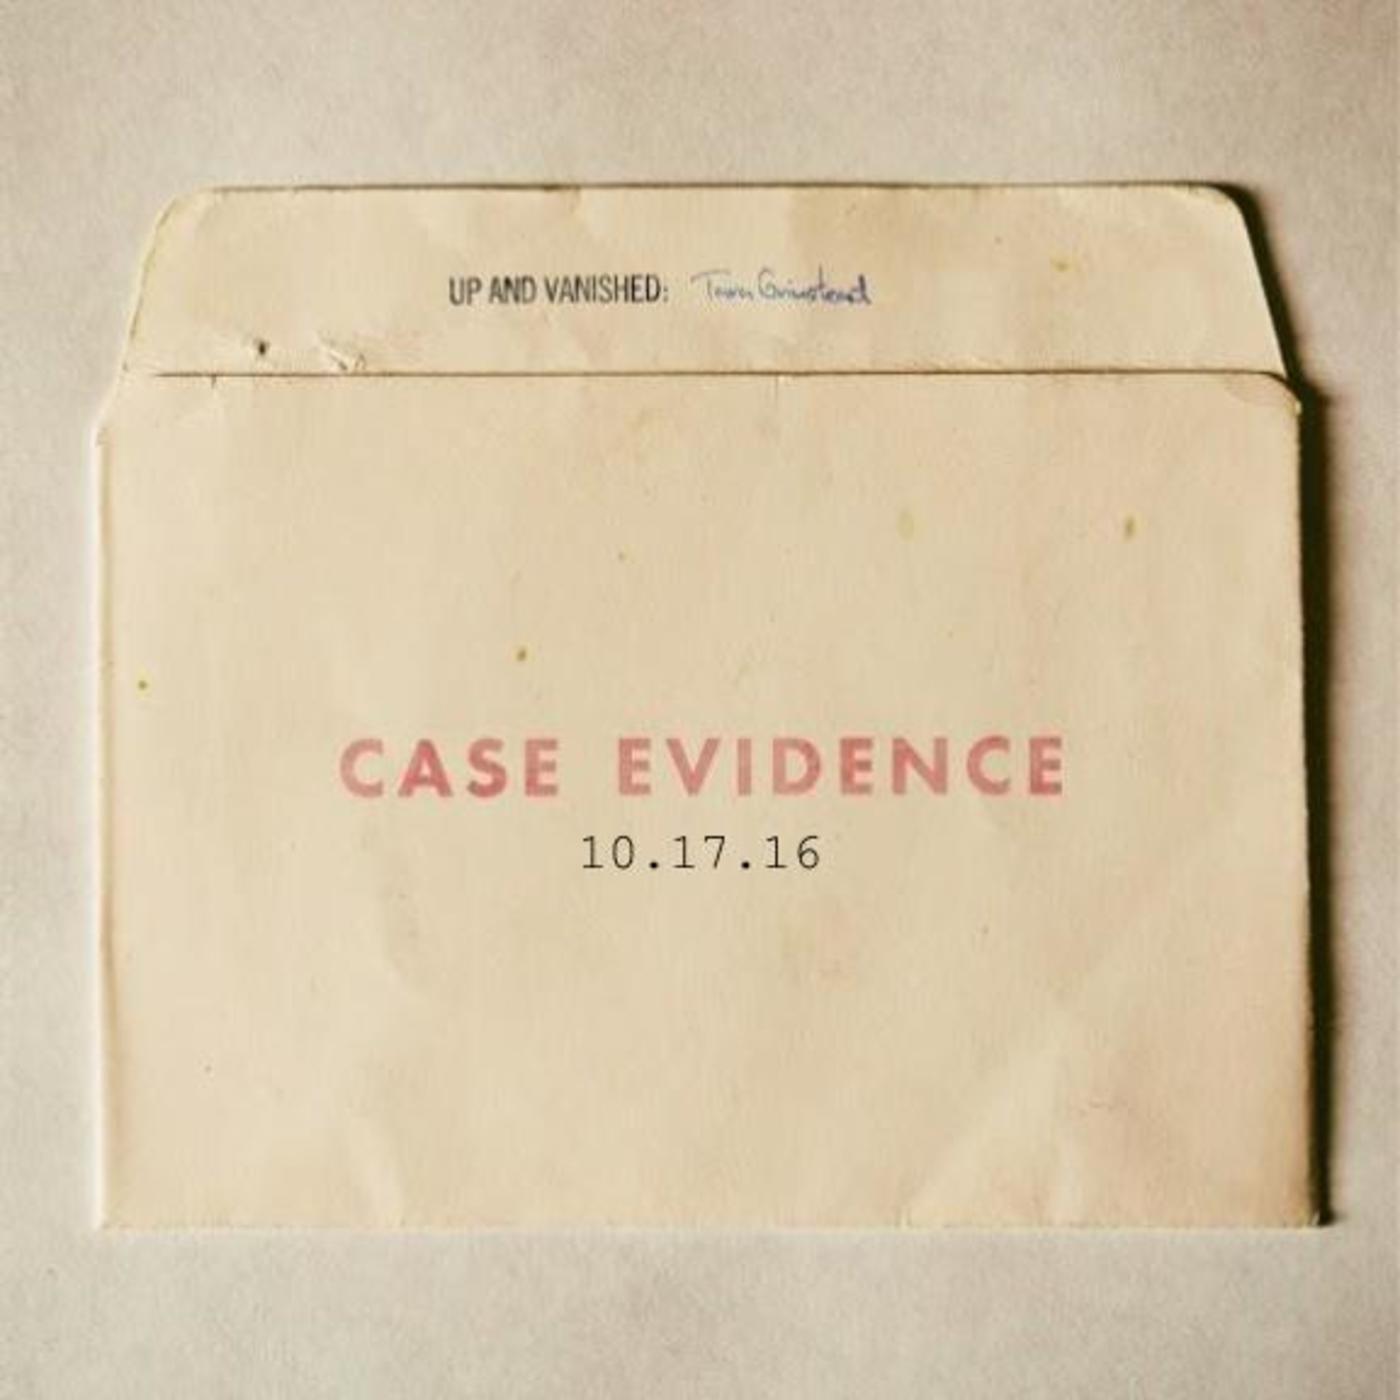 S1E : Case Evidence 10.17.16